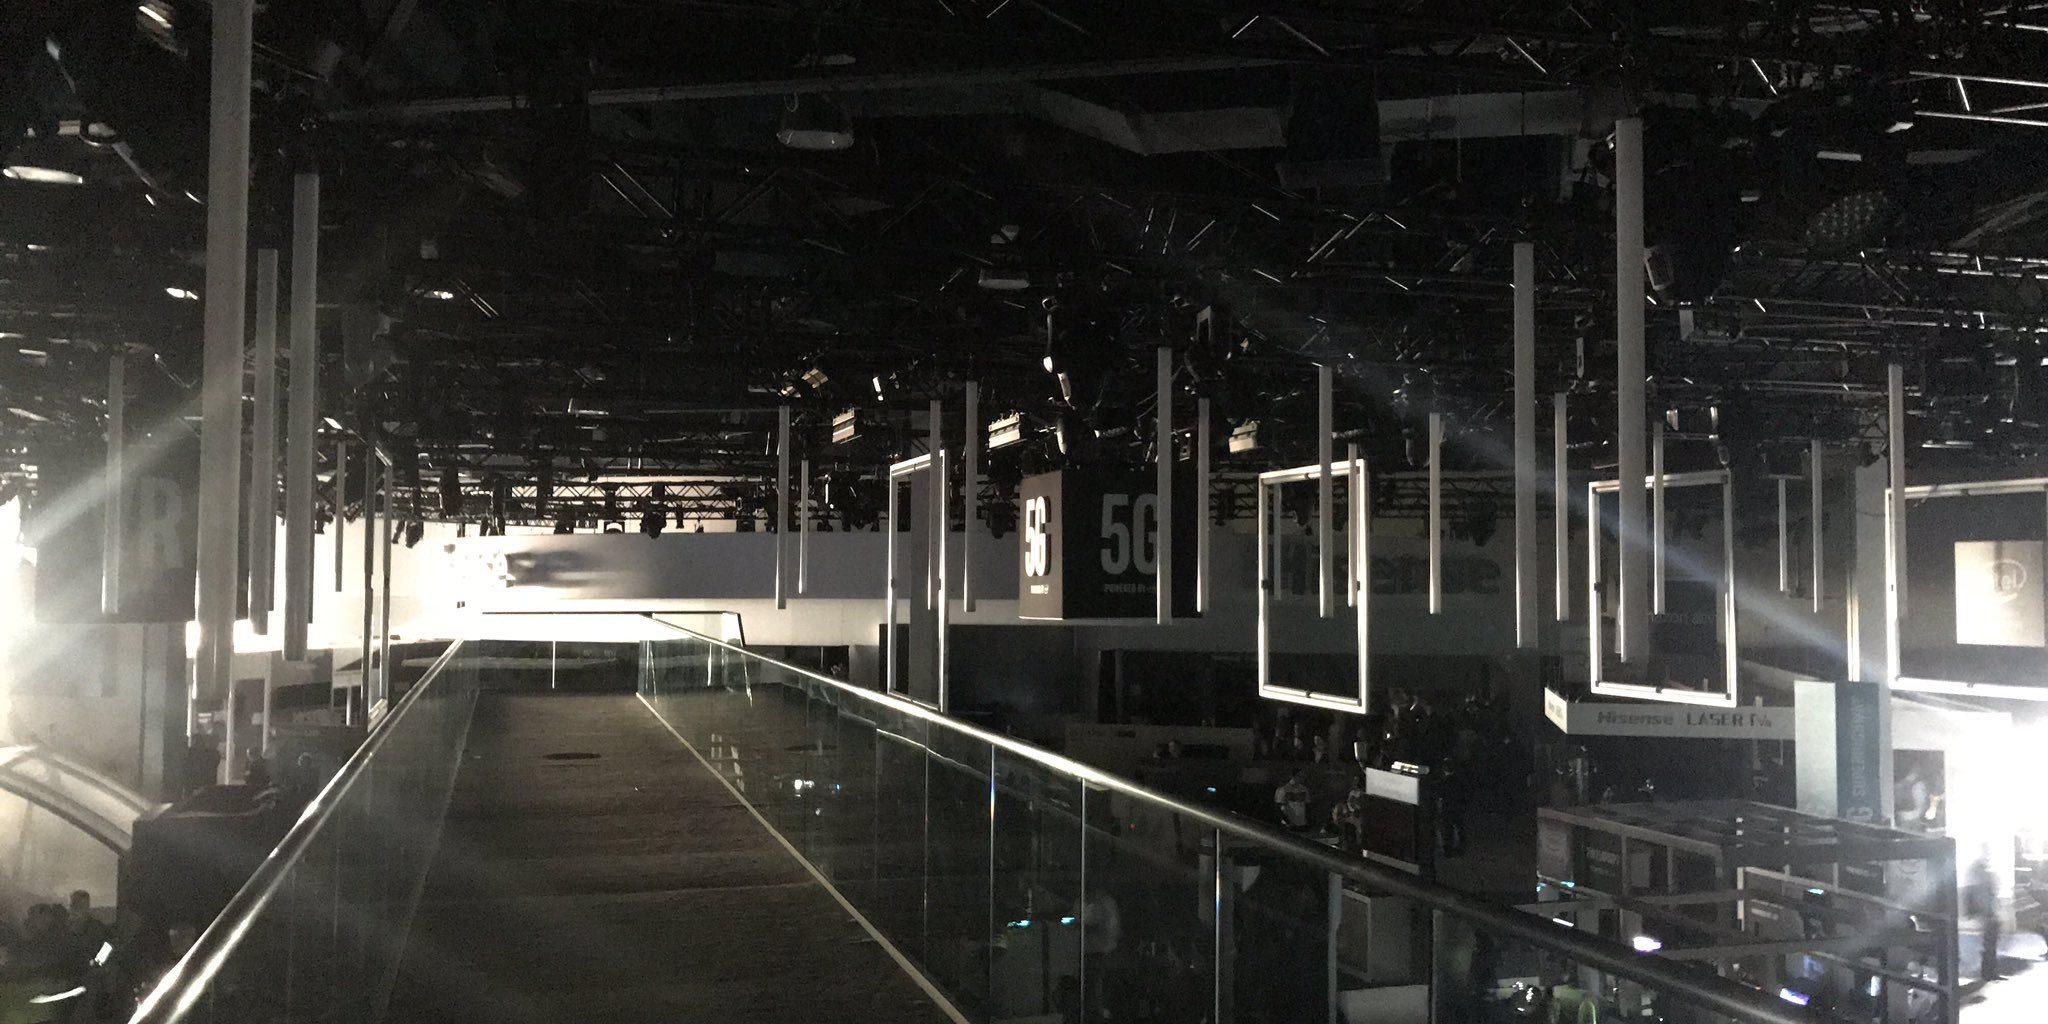 CES Blackout - Intel